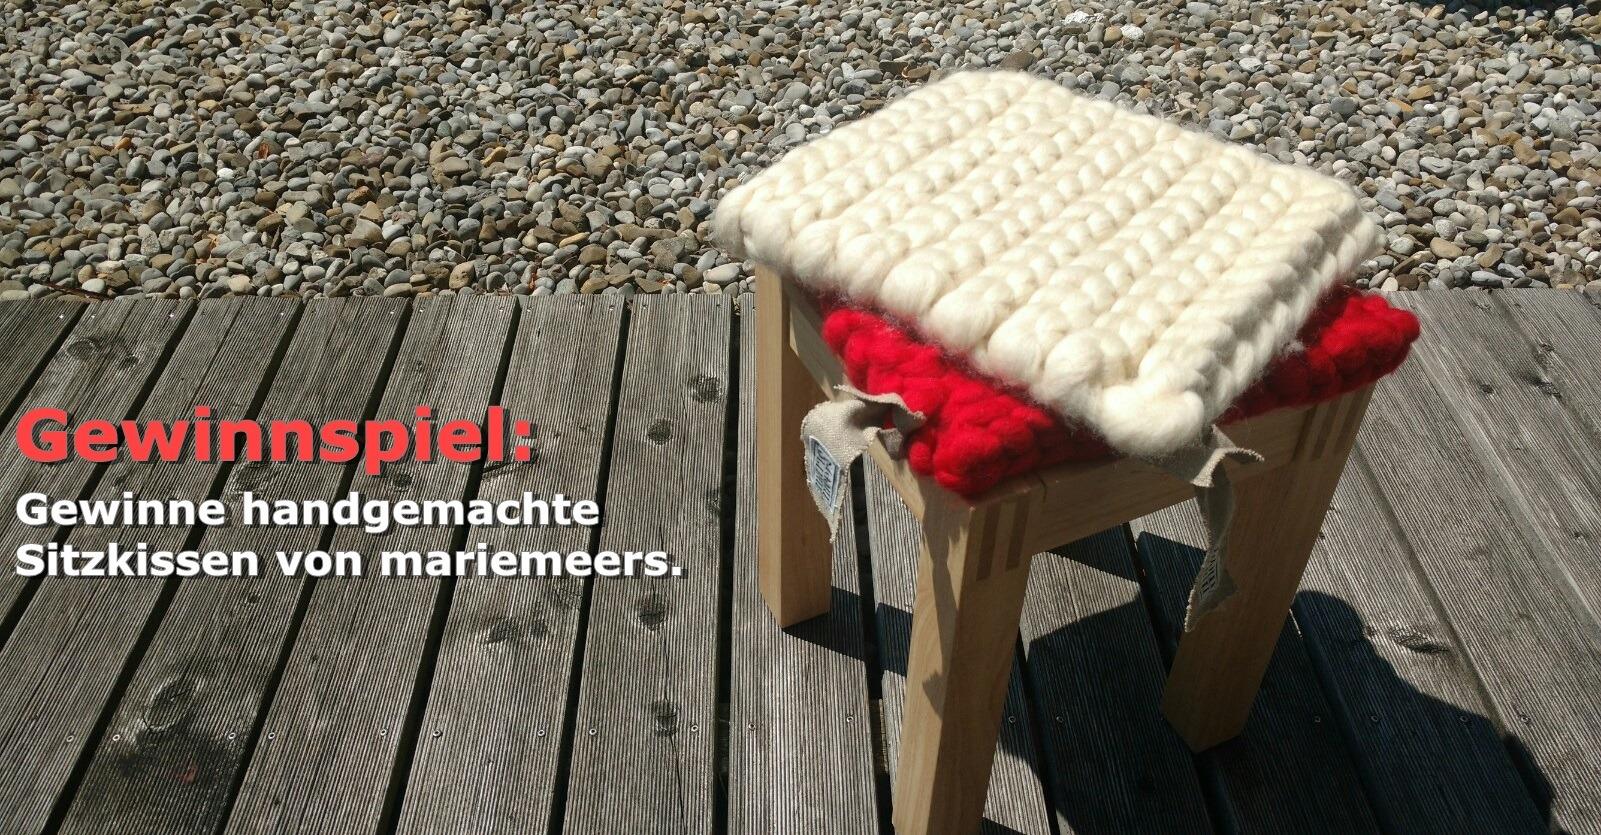 Handgemachte Sitzkissen von mariemeers (+Gewinnspiel)